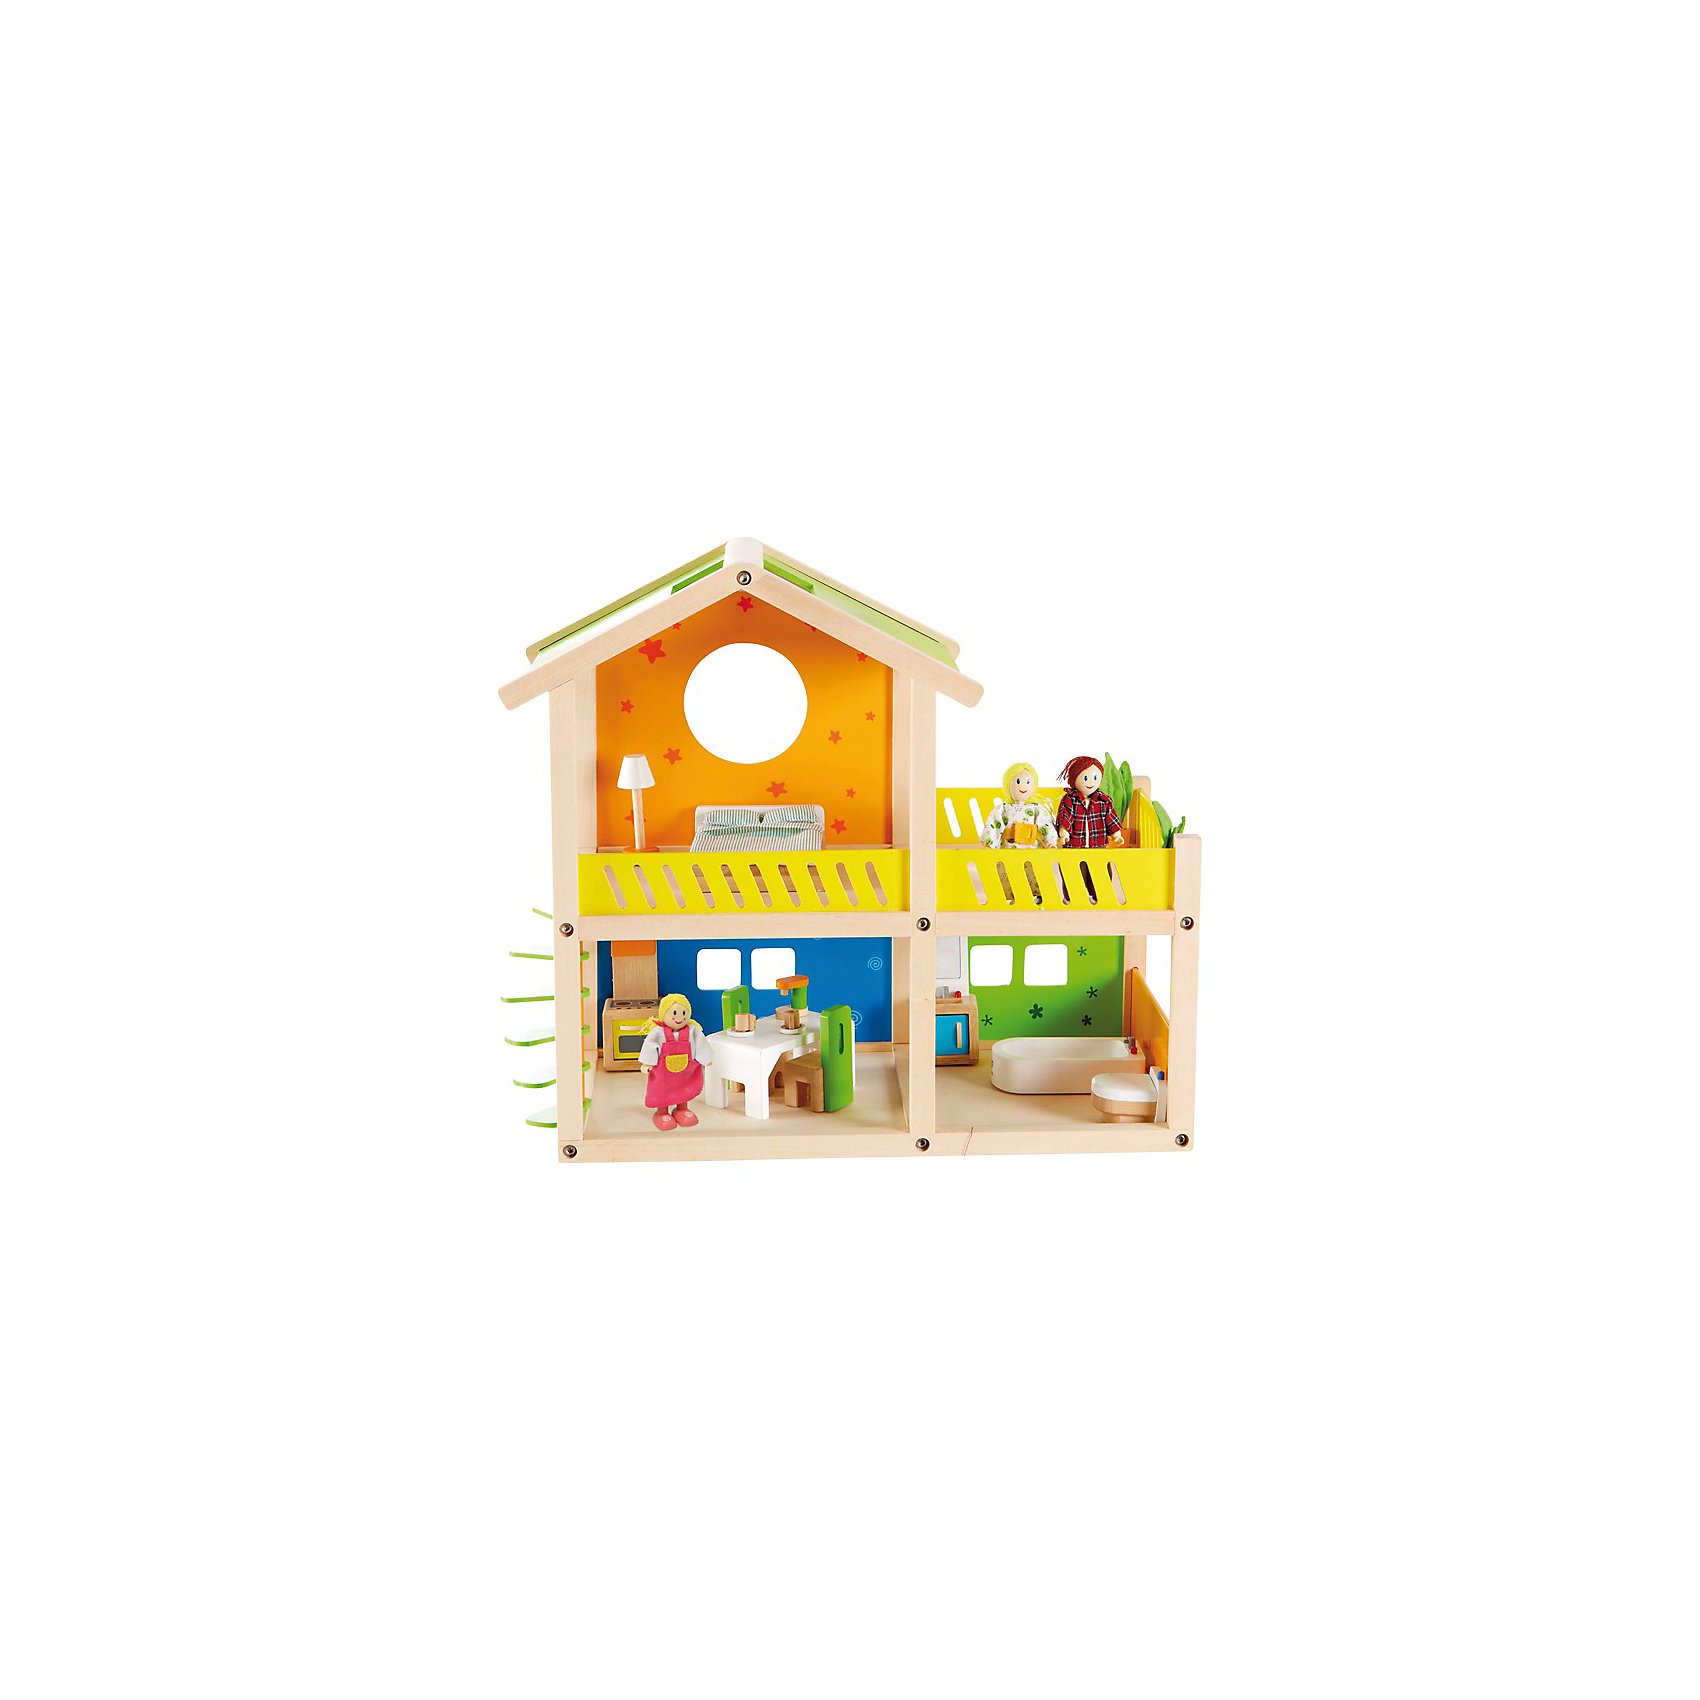 Кукольный домик Кукольный домик позволит малышам придумать собственную семью<br>Ролевая игра развивает воображение, навыки общения, облегчает процесс социализации<br>Весь интерьер максимально приближен к настоящему: комплект пастельного белья, набор посуды, все шкафы открываются, растения изготовлены из войлока – напоминают настоящие.<br><br>Дополнительная информация:<br><br>В набор входит: кукольный домик, мебель для ванной, кухни, спальни и террасы, 3 фигурки<br>Размер: 47 x 25 x 44 см<br><br>Кукольный домик с мебелью и фигурками, Hape можно купить в нашем магазине.<br><br>Ширина мм: 530<br>Глубина мм: 482<br>Высота мм: 105<br>Вес г: 3380<br>Возраст от месяцев: 36<br>Возраст до месяцев: 72<br>Пол: Унисекс<br>Возраст: Детский<br>SKU: 3341518